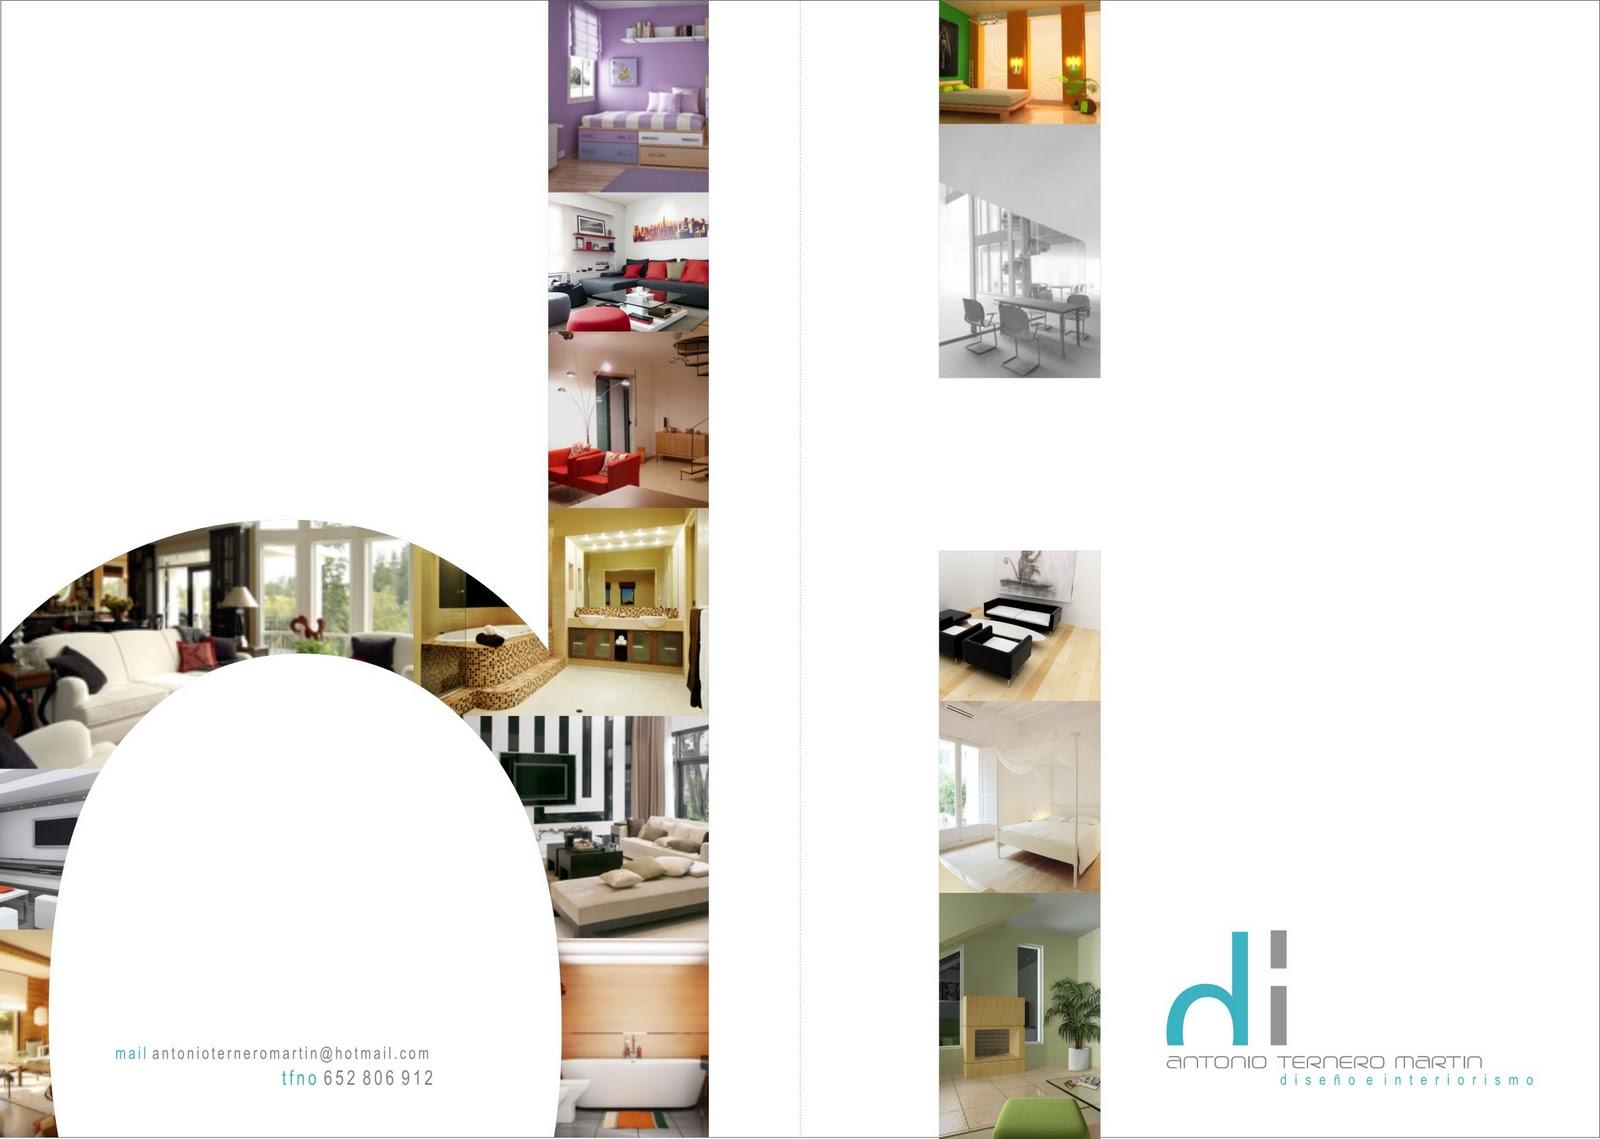 Dise ador de interiores antonio ternero martin proyectos - Decorador interiorista ...